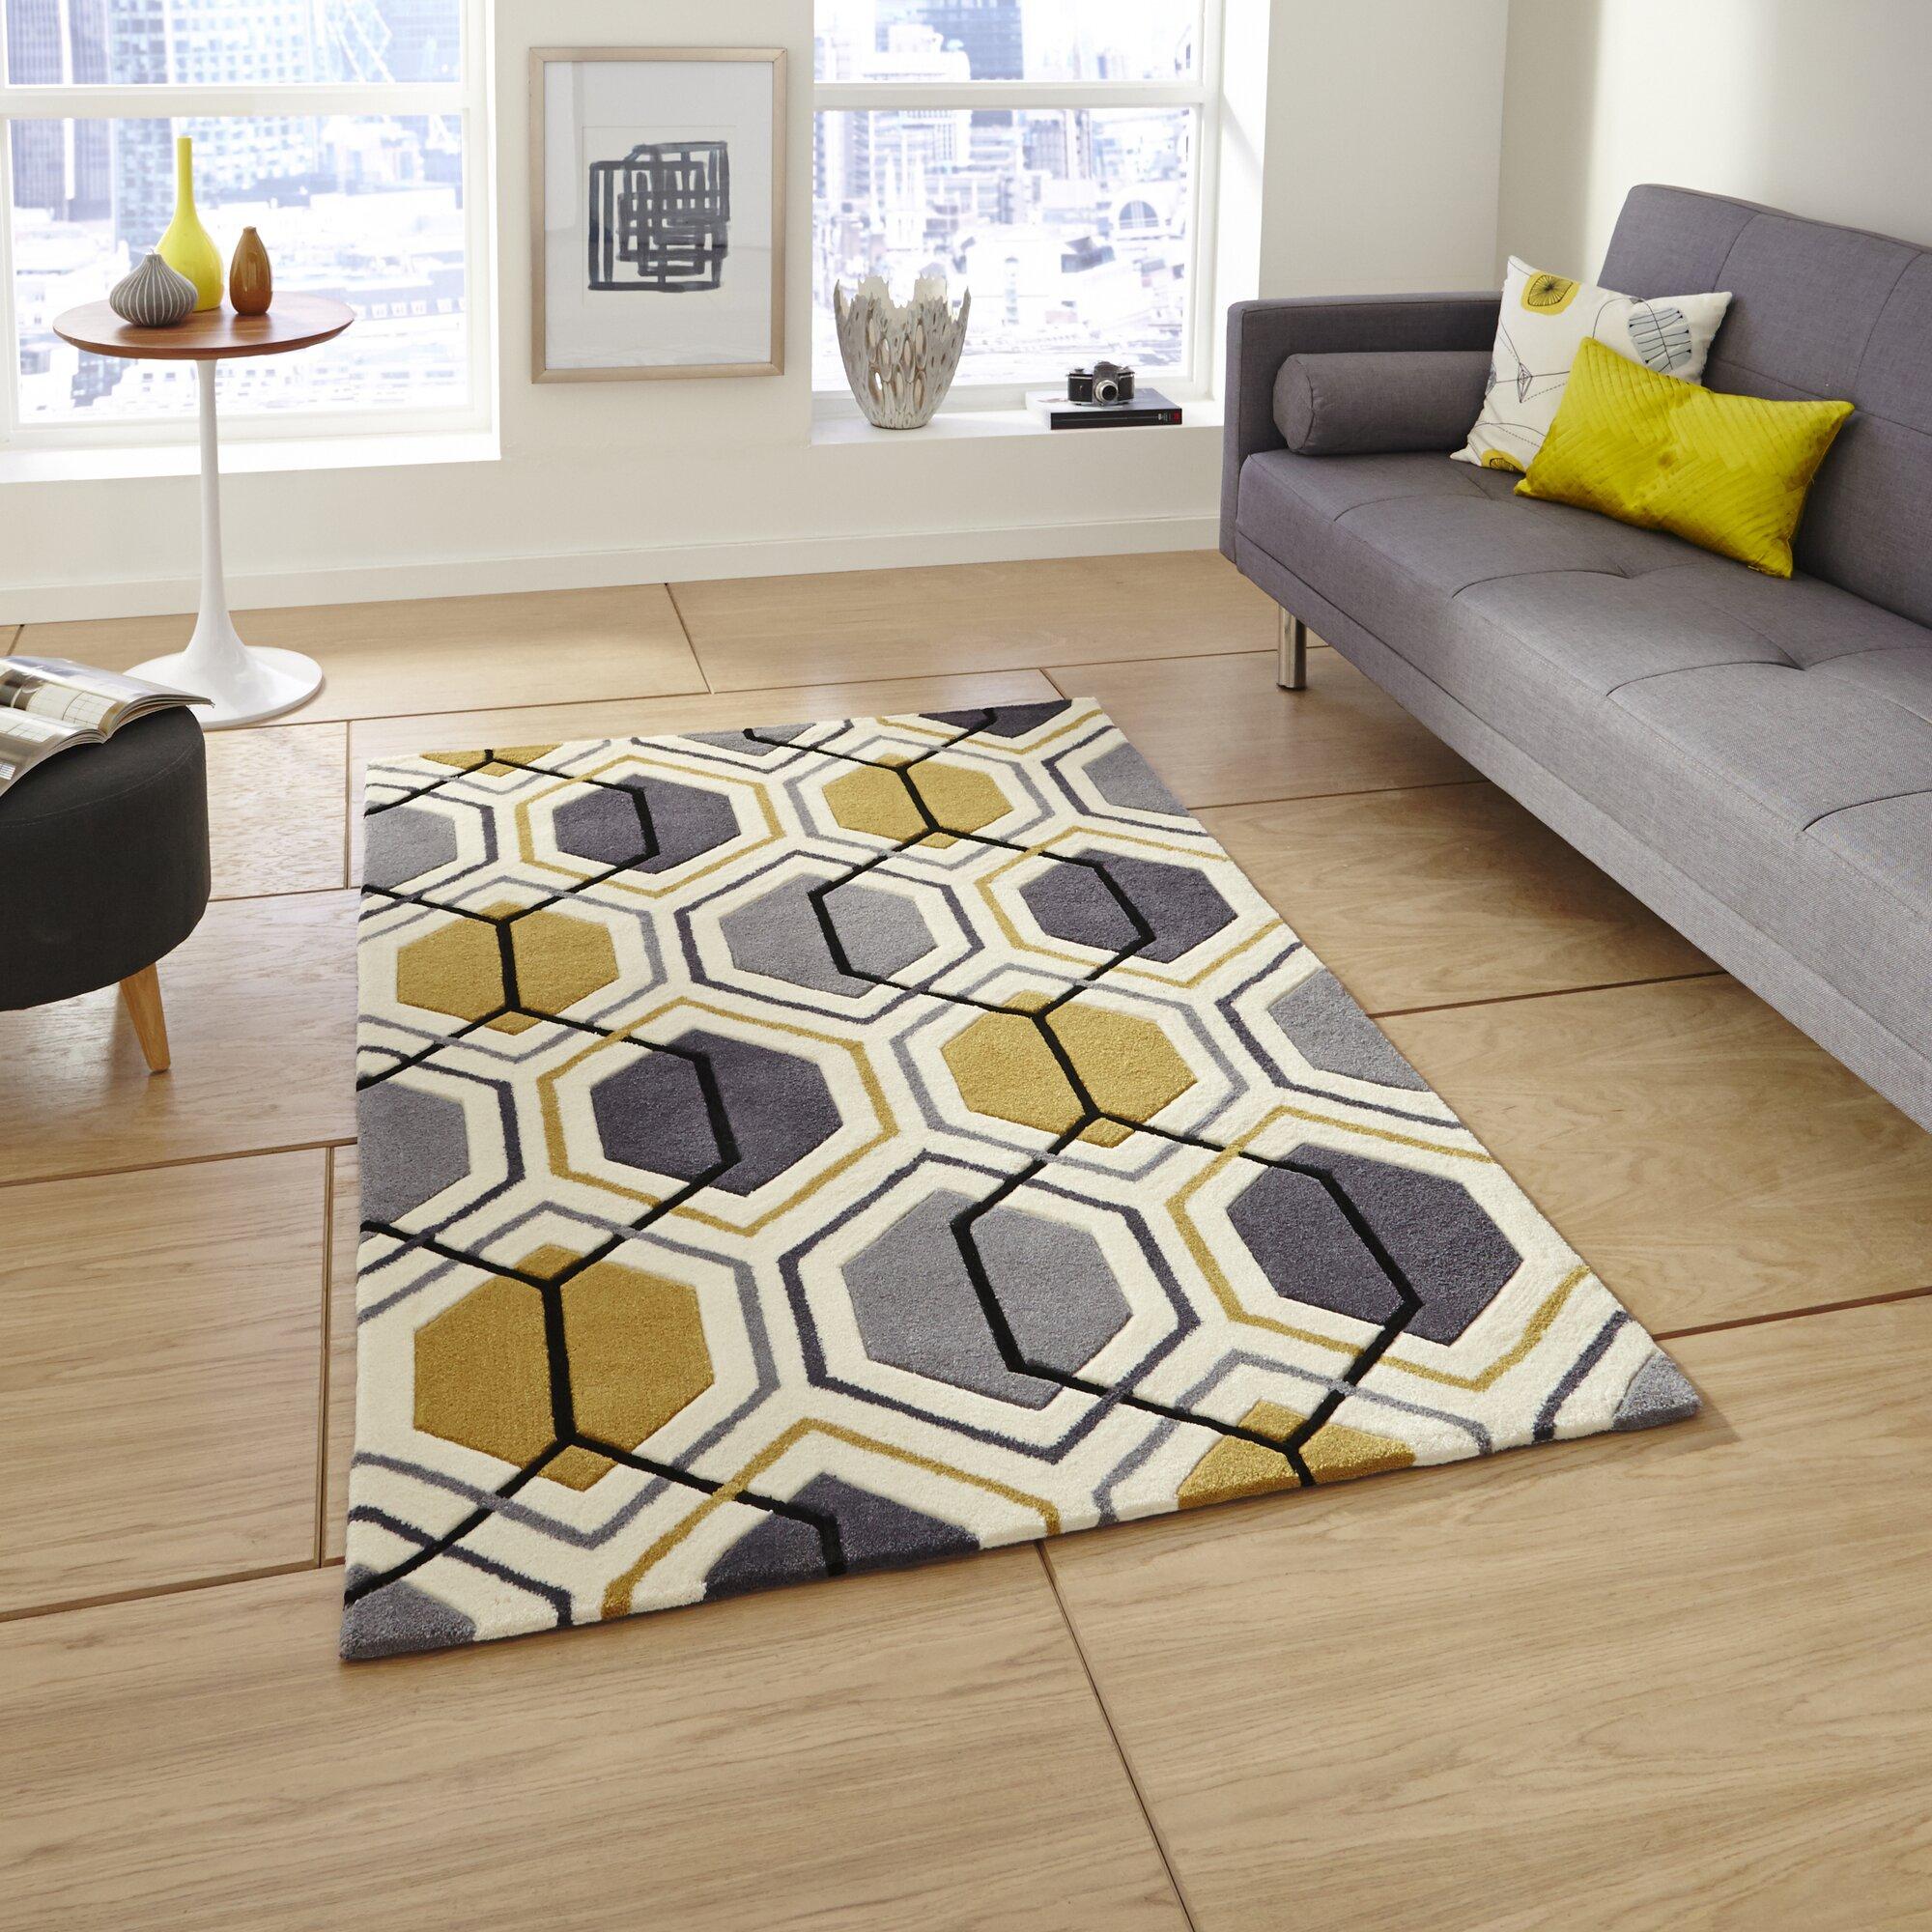 scanmod design handgetufteter teppich tamarisk in grau gelb bewertungen. Black Bedroom Furniture Sets. Home Design Ideas